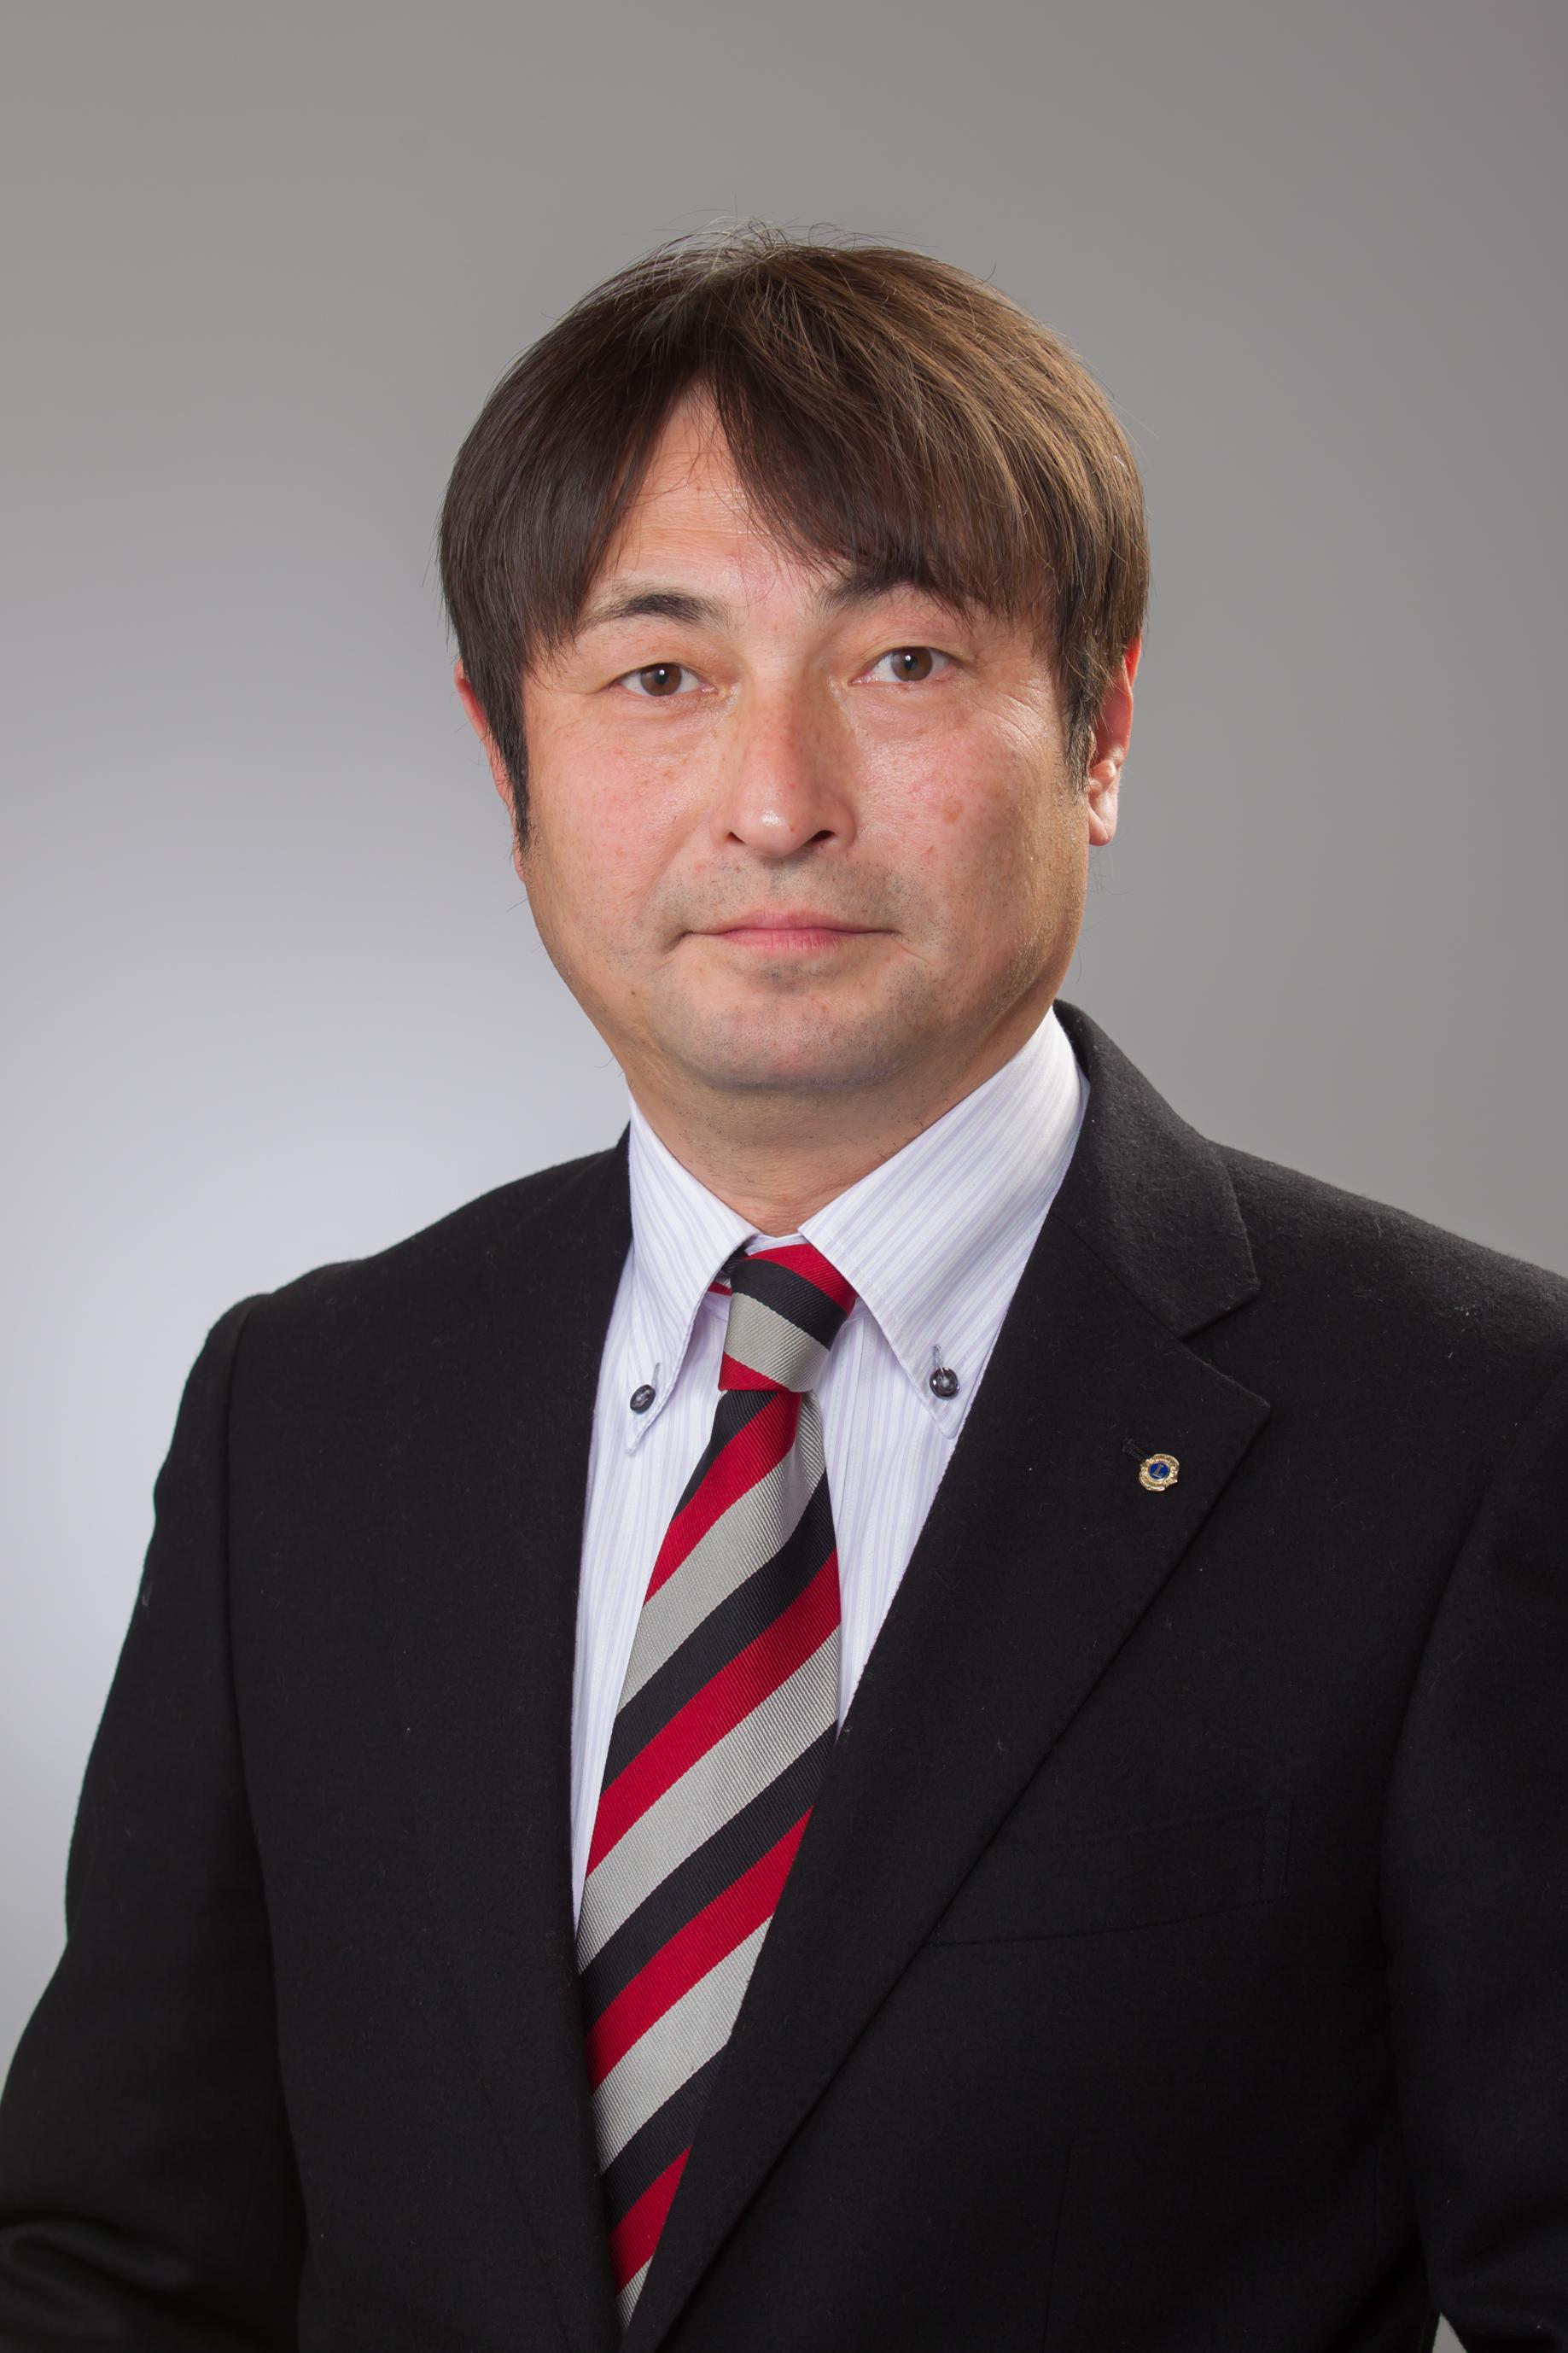 香芝ライオンズクラブ 25代 会長  山口 貴志